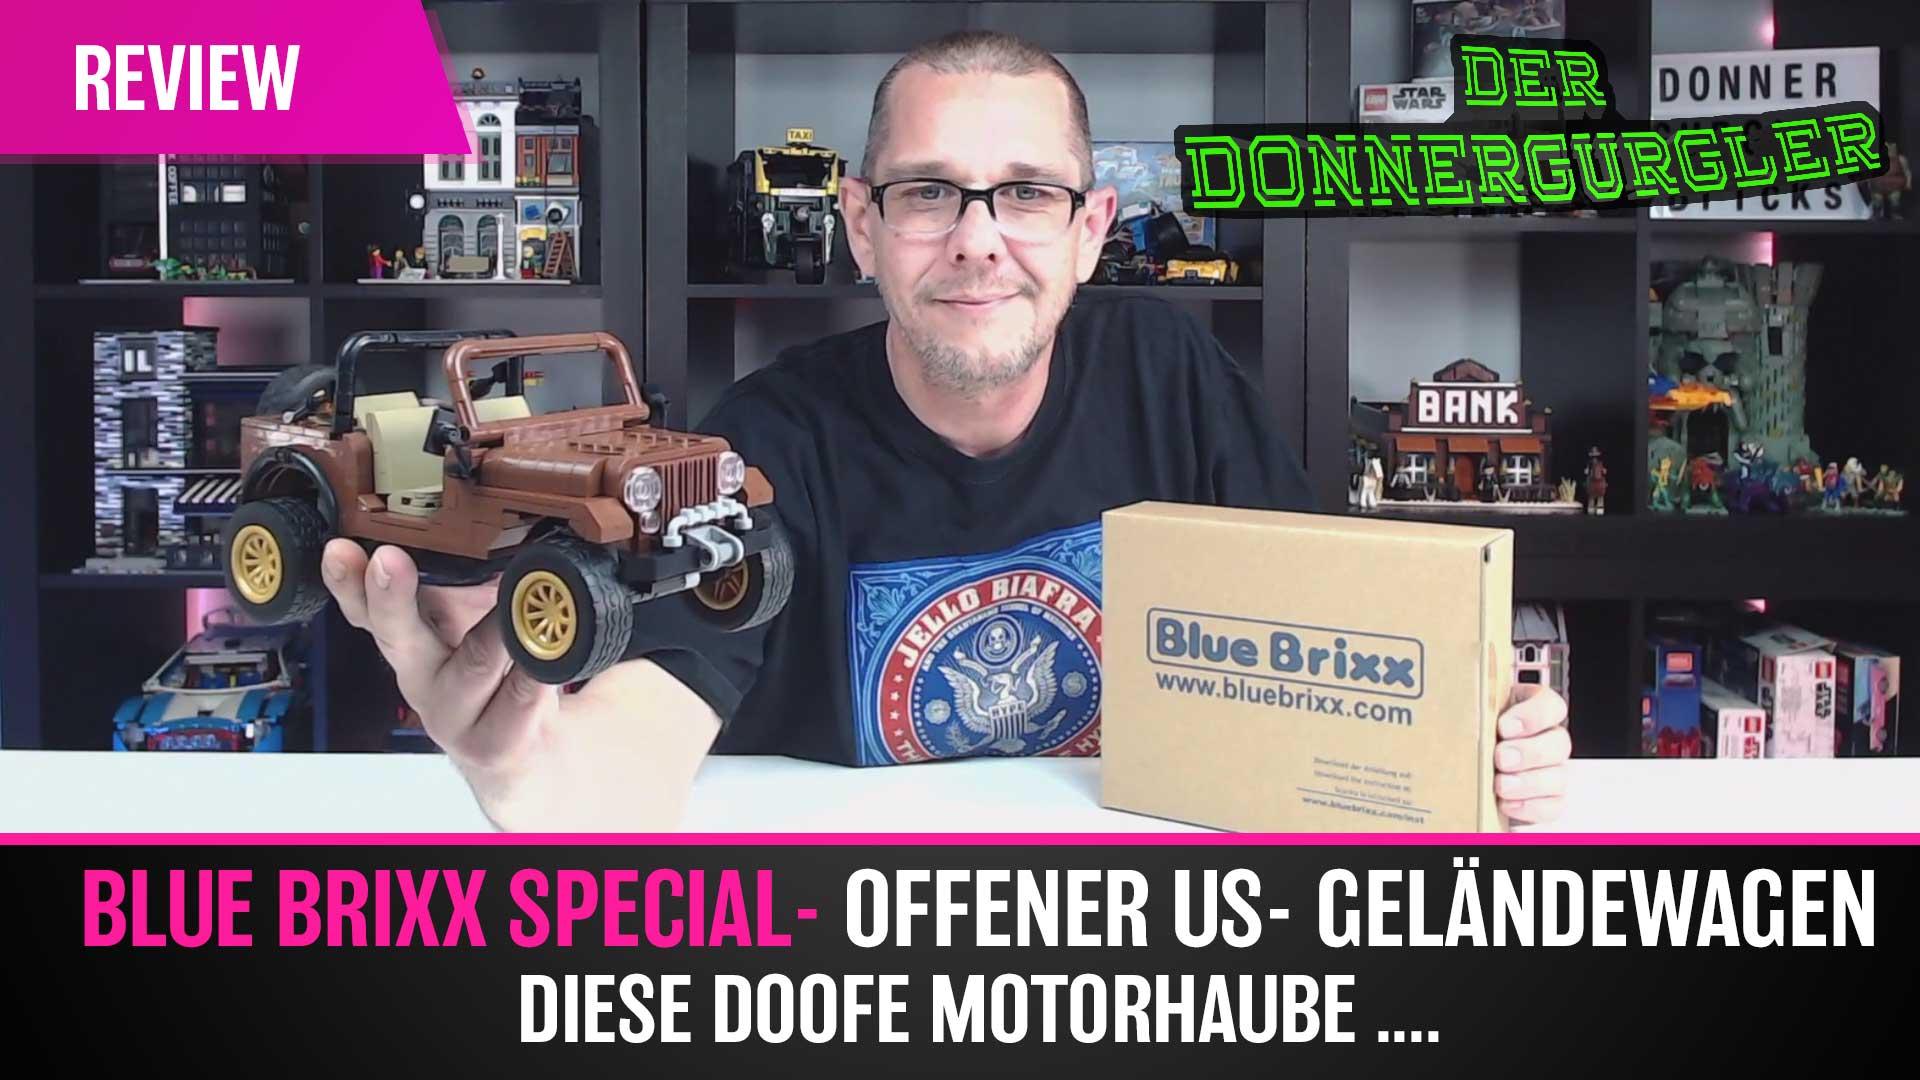 Bluebrixx Special - Offener US Geländewagen - grrr diese Motorhaube ...